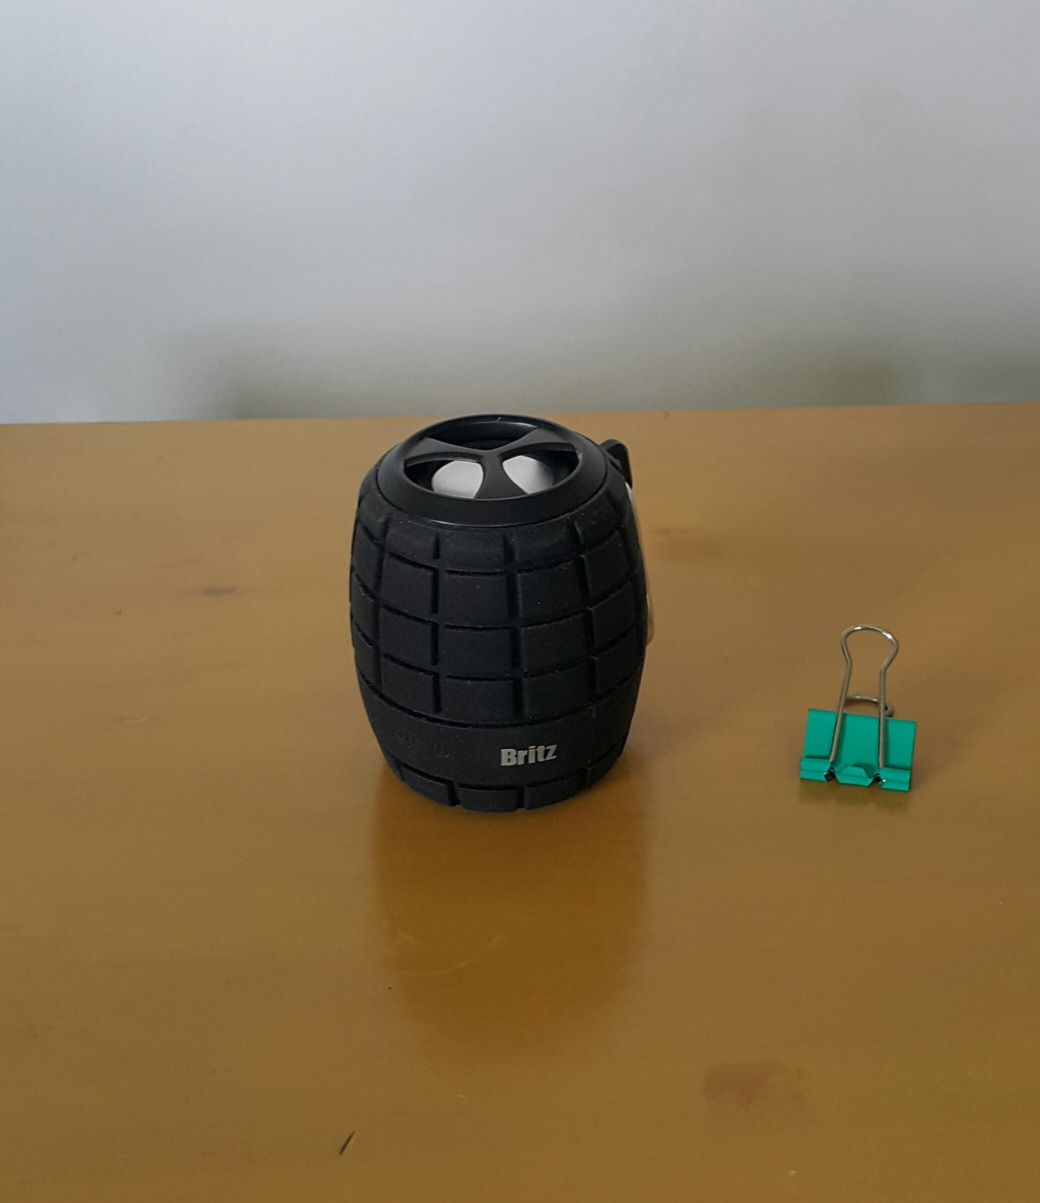 미니 블루투스 스피커 (브리츠 BZ-G100)